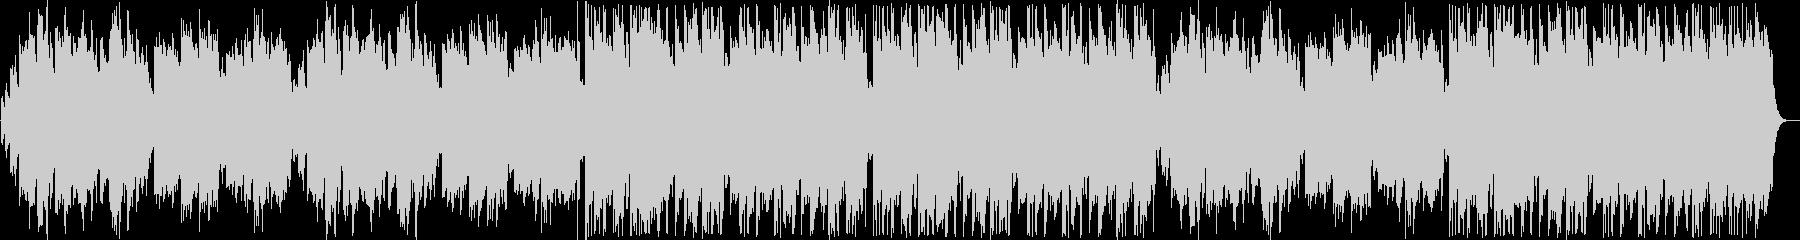 切ないシンセ・オルゴール系サウンドの未再生の波形